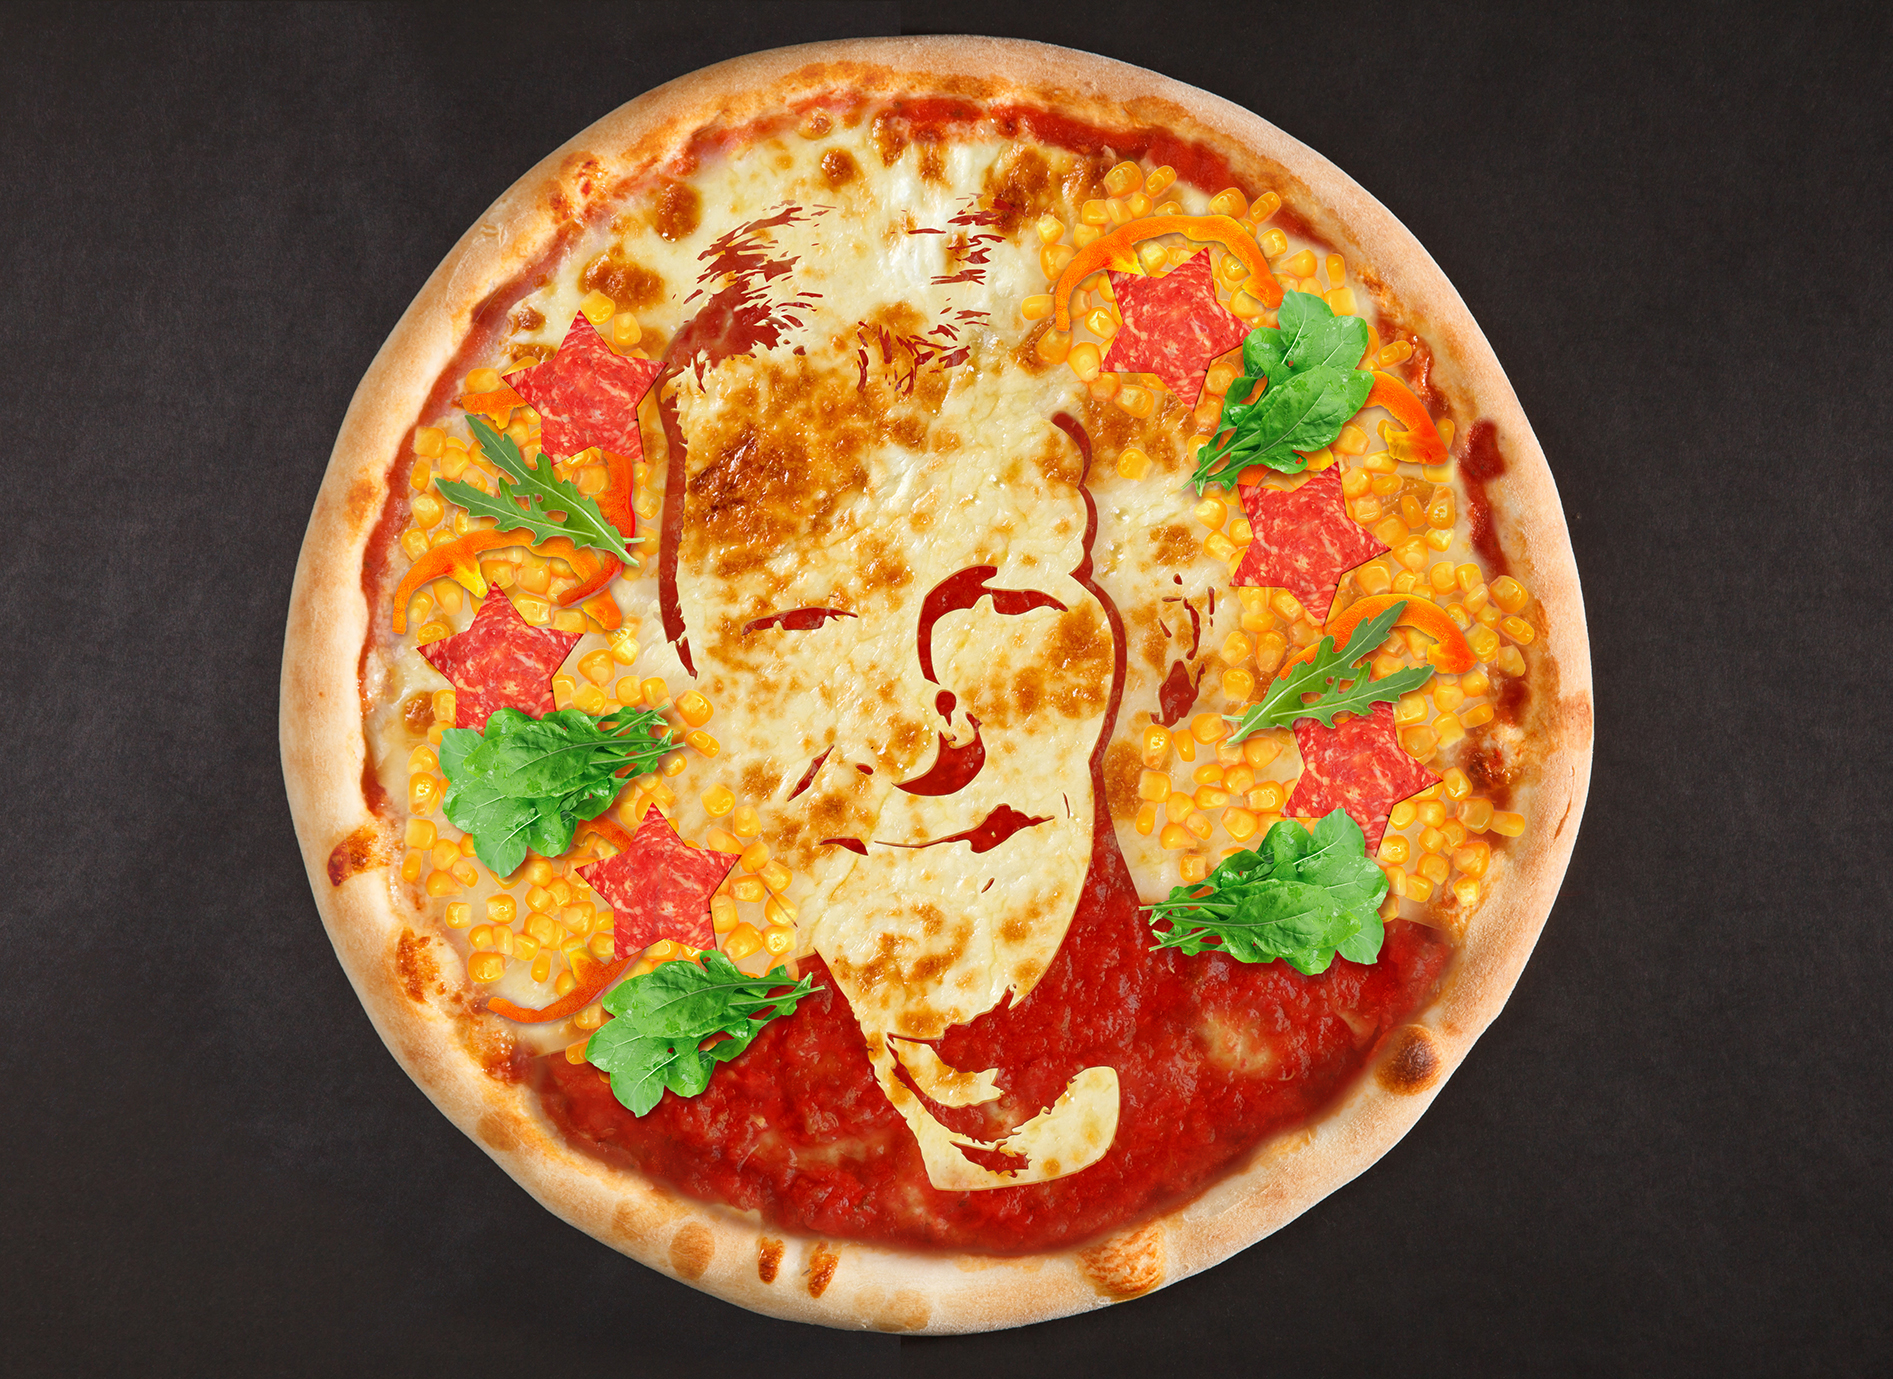 0608_Tim-Peake-Pizza